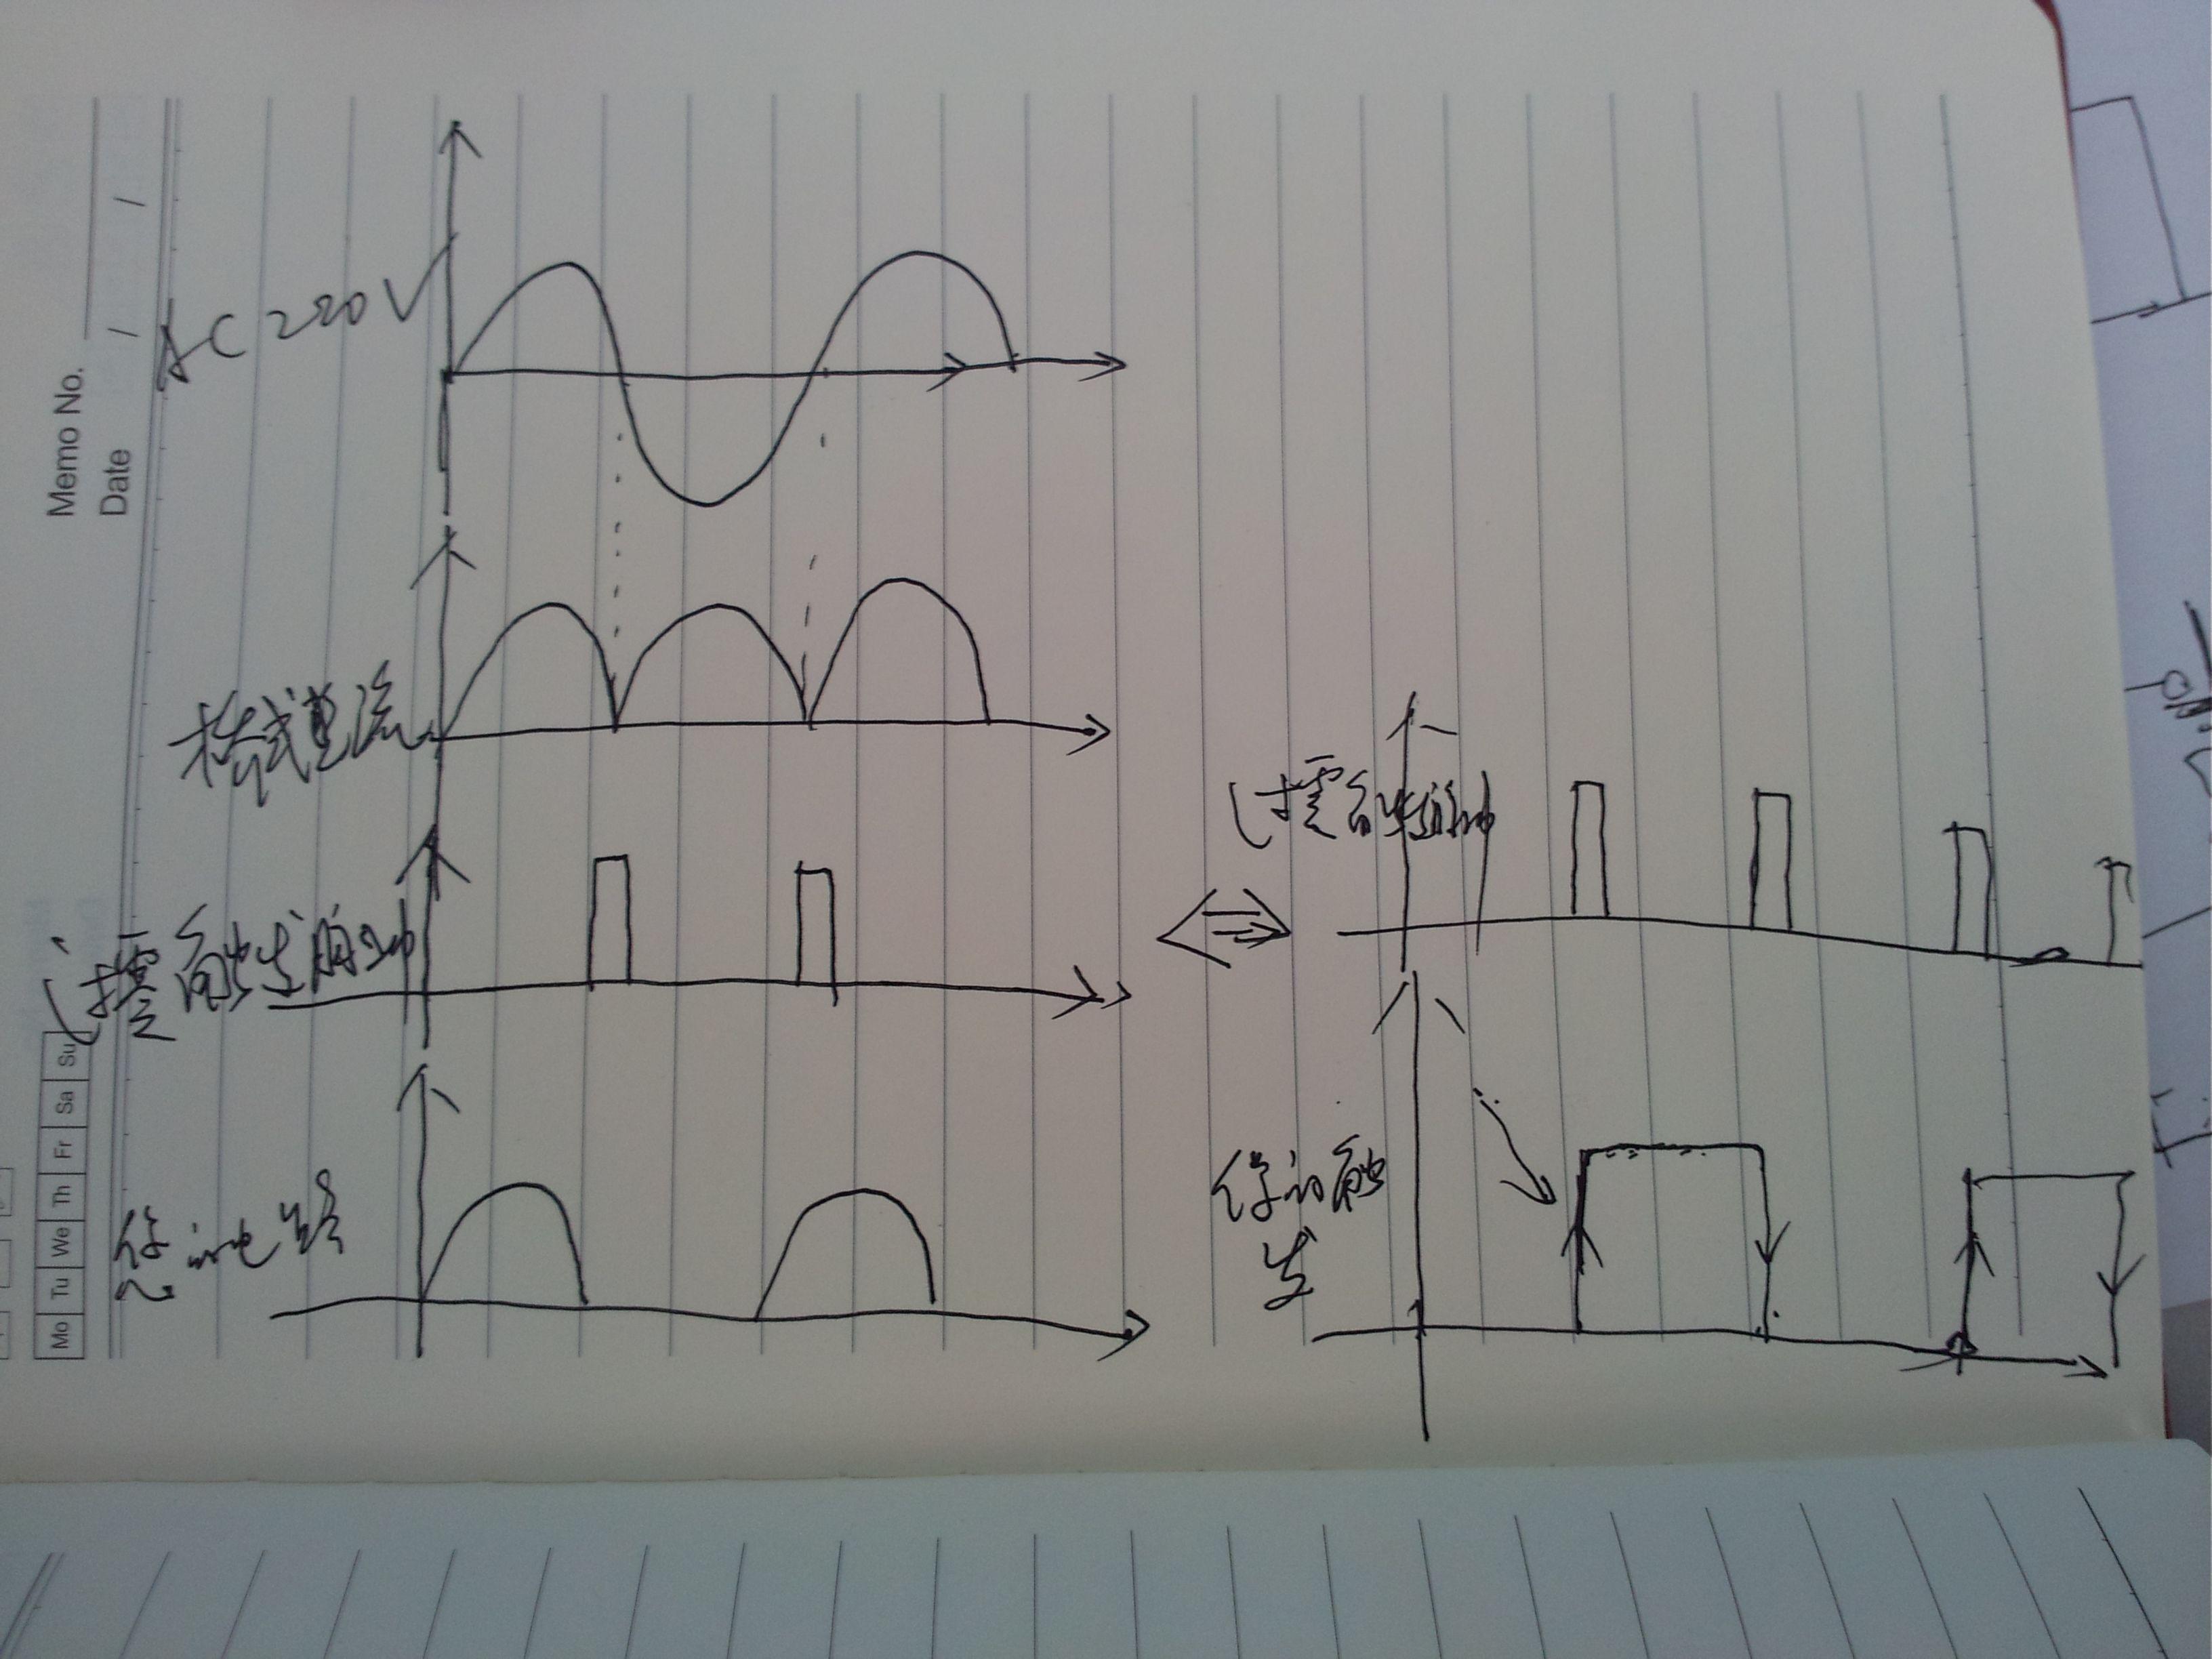 y电容给差模电感和共模电感形成完整的通路,否则如果有差模和共模信号